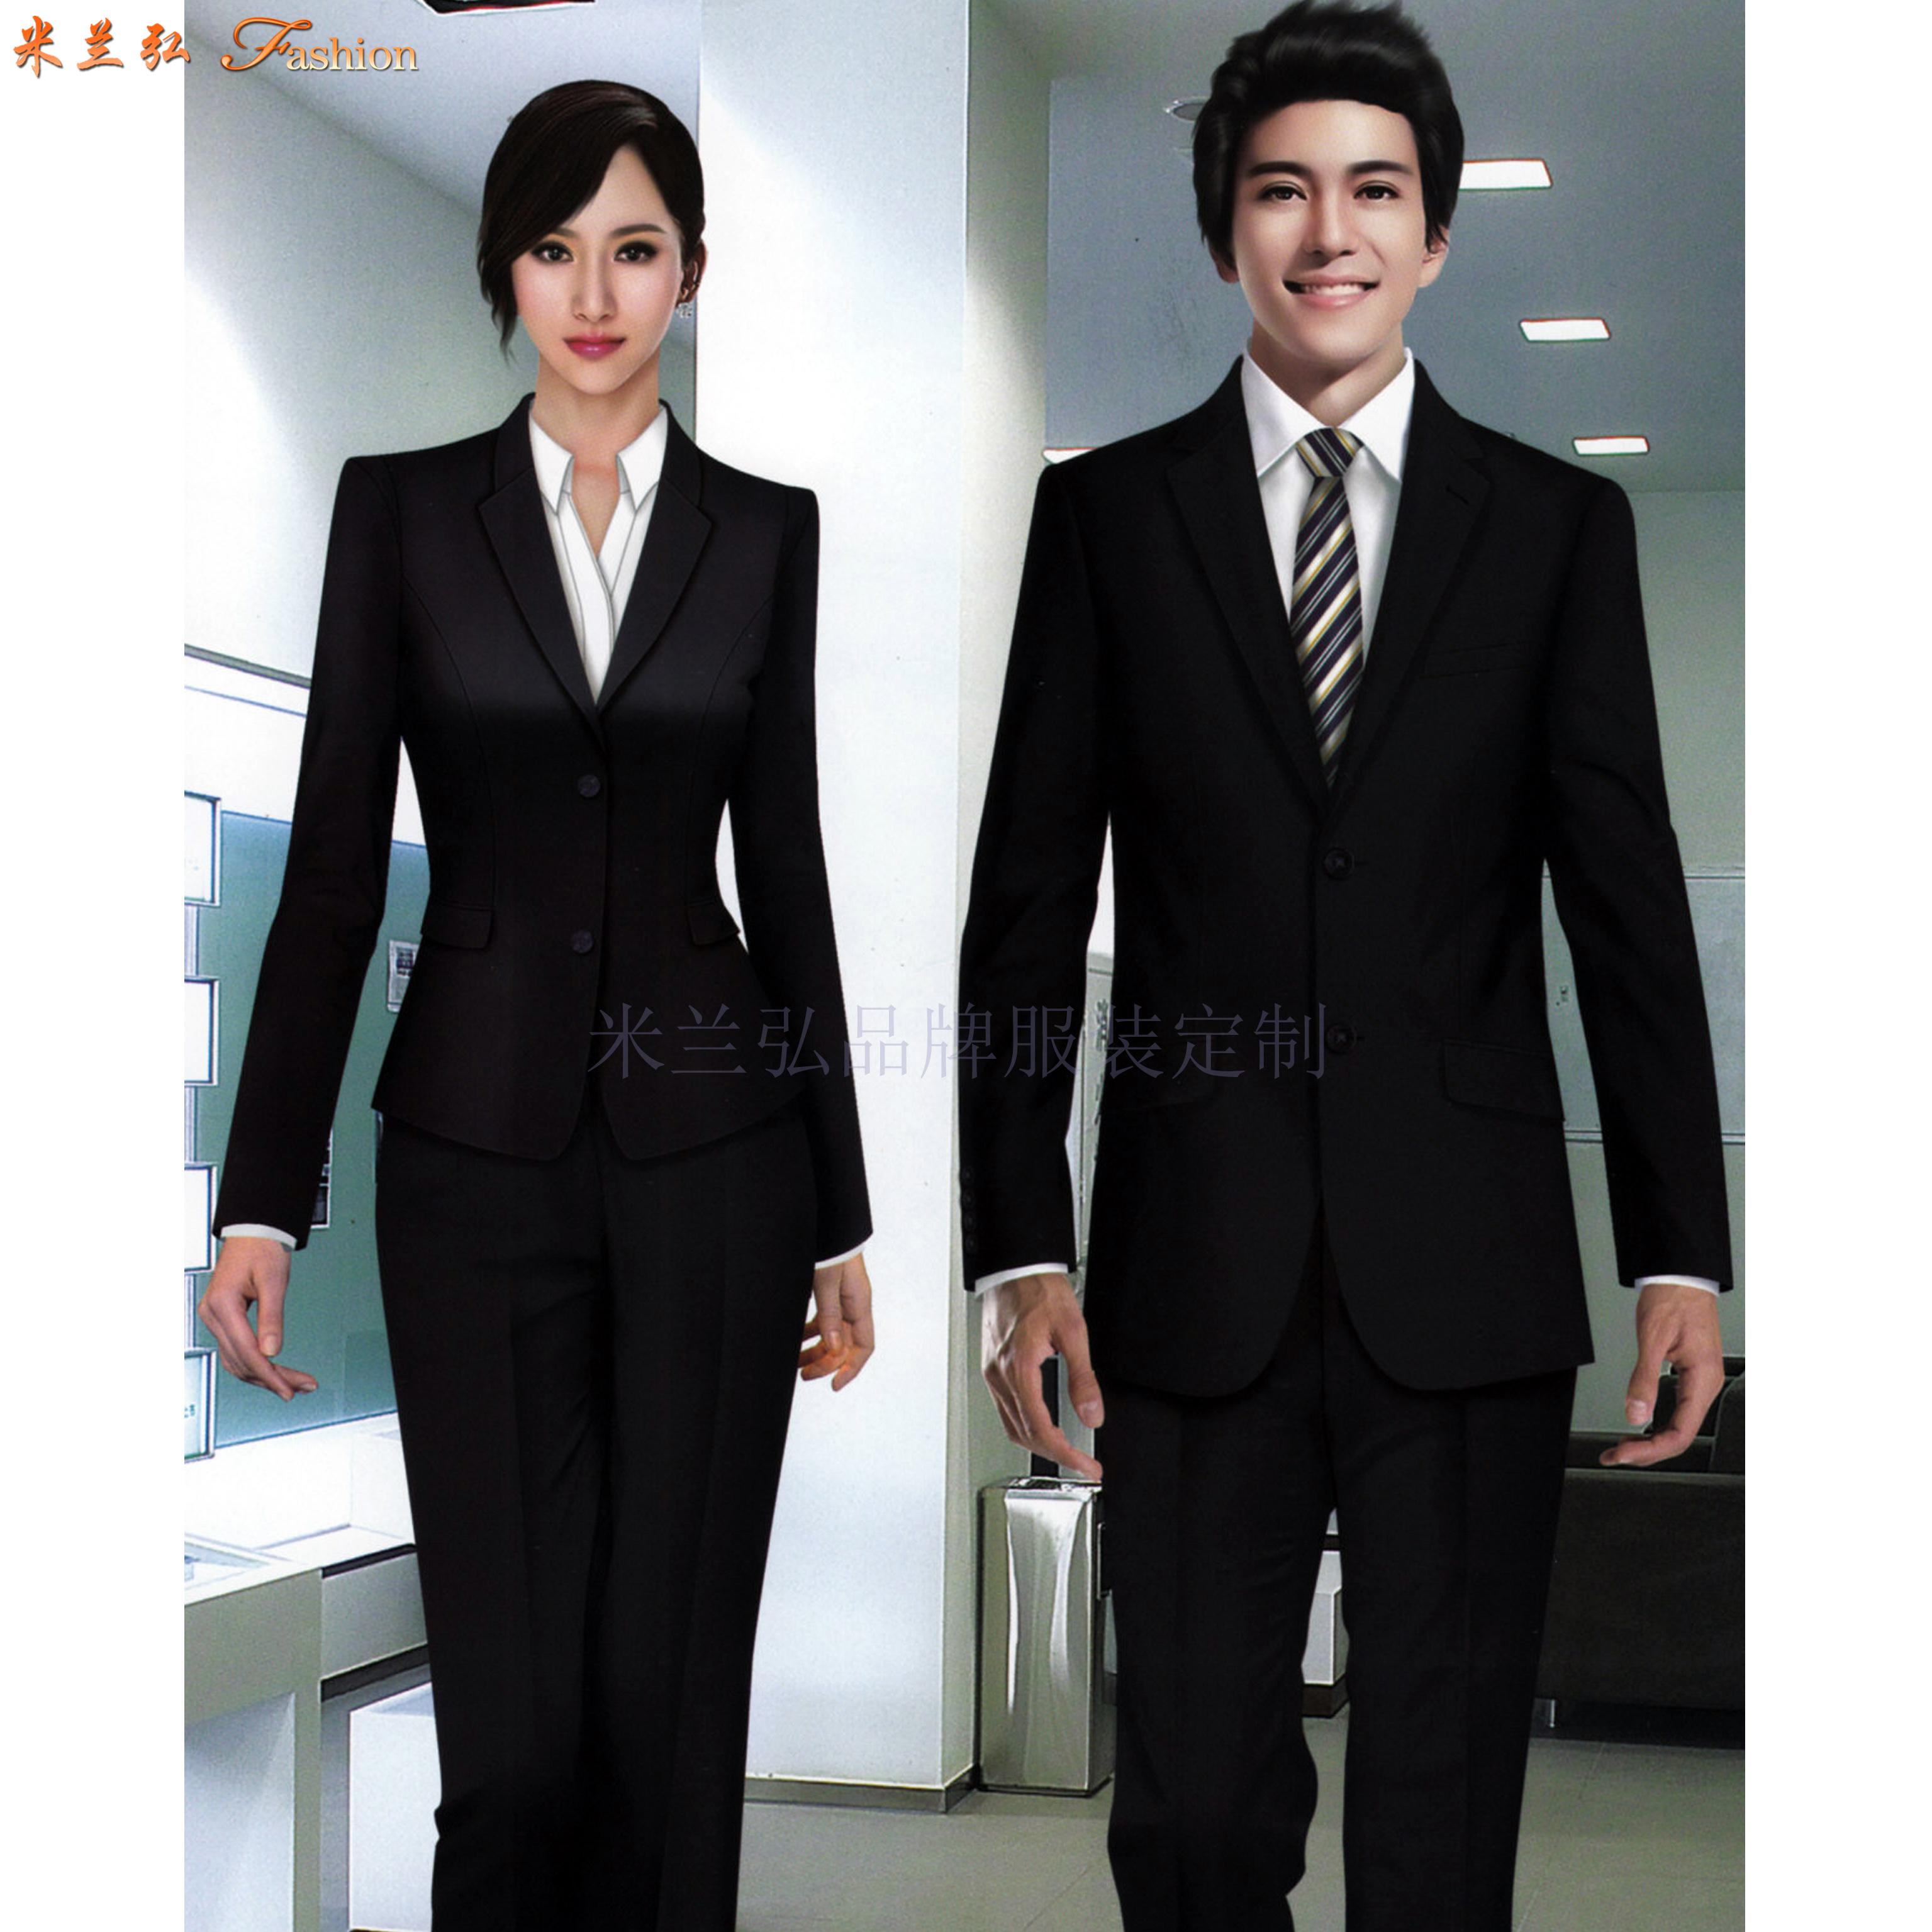 「北京商務西服定制公司」推薦誠信靠譜的米蘭弘品牌西服-4